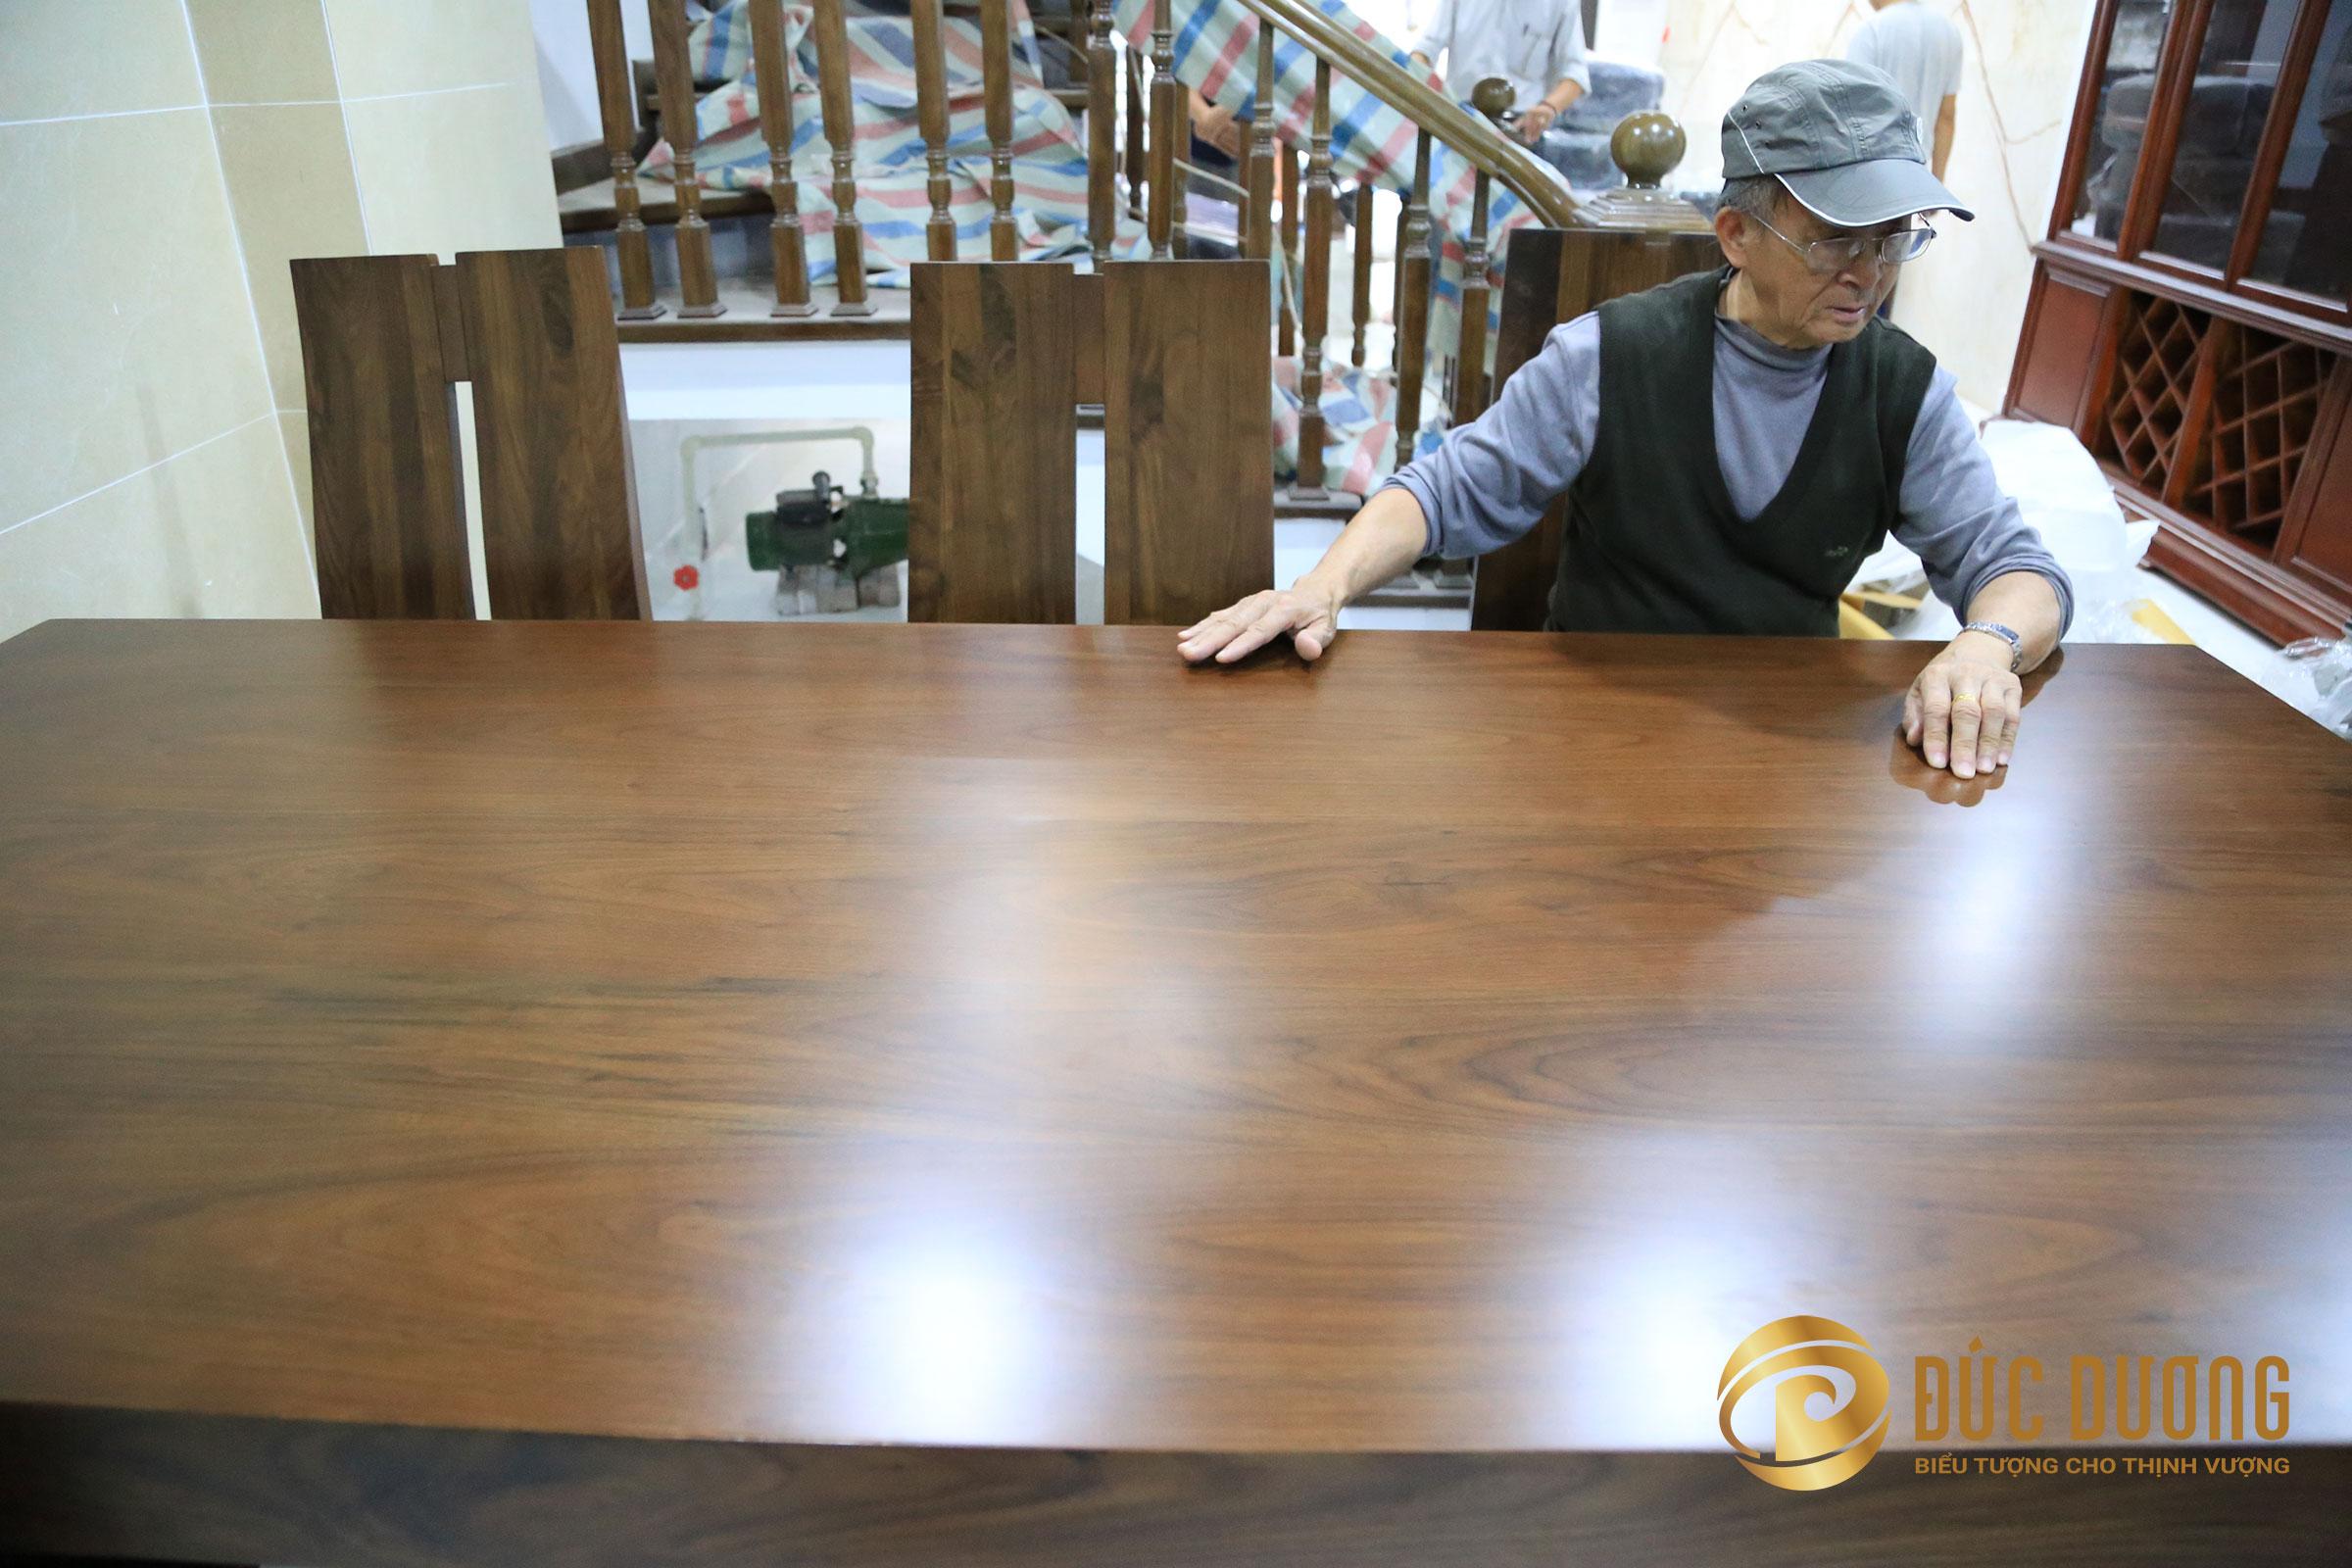 Tự tay đi chọn đồ nội thất- chị Yến (Long Biên, Hà Nội) mãn nguyện sống trong ngôi nhà mới